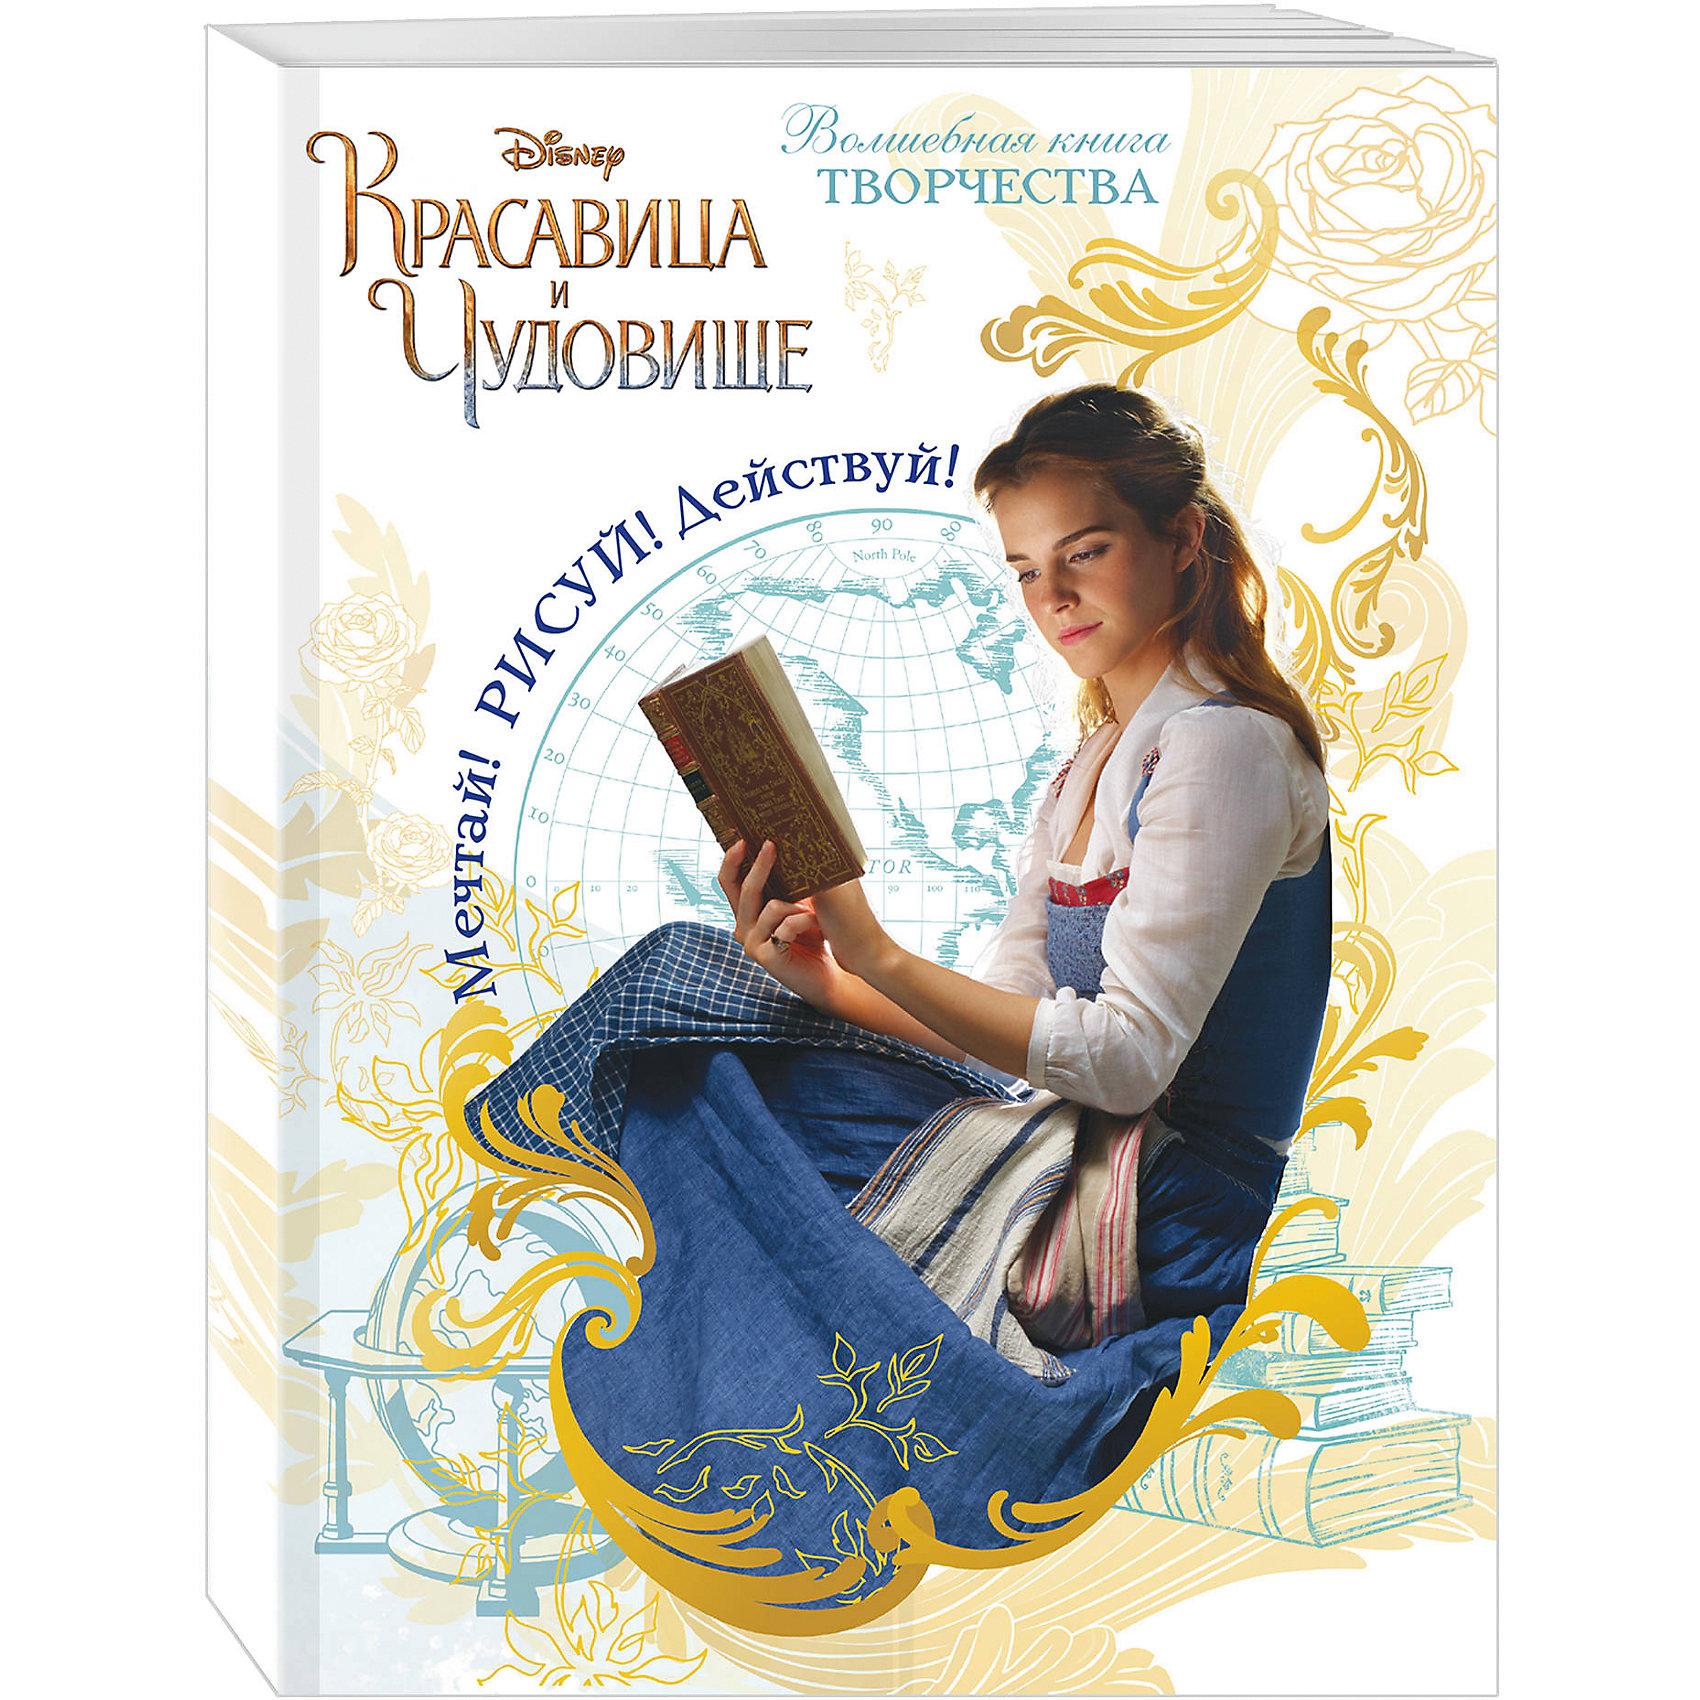 Мечтай! Рисуй! Действуй! Волшебная книга творчестваРисование<br>Эта замечательная книга для творчества подарит любой девочке возможность самой создать - дорисовать и оживить с помощью красок - заколдованный мир Белль и Чудовища. И так же, как в мире Красавицы и Чудовища, в этой книге  настоящая красота скрывается внутри, и чтобы сделать ее видимой, нужны воображение, карандаши и фломастеры.<br><br>Ширина мм: 260<br>Глубина мм: 200<br>Высота мм: 10<br>Вес г: 195<br>Возраст от месяцев: 72<br>Возраст до месяцев: 120<br>Пол: Унисекс<br>Возраст: Детский<br>SKU: 6878009